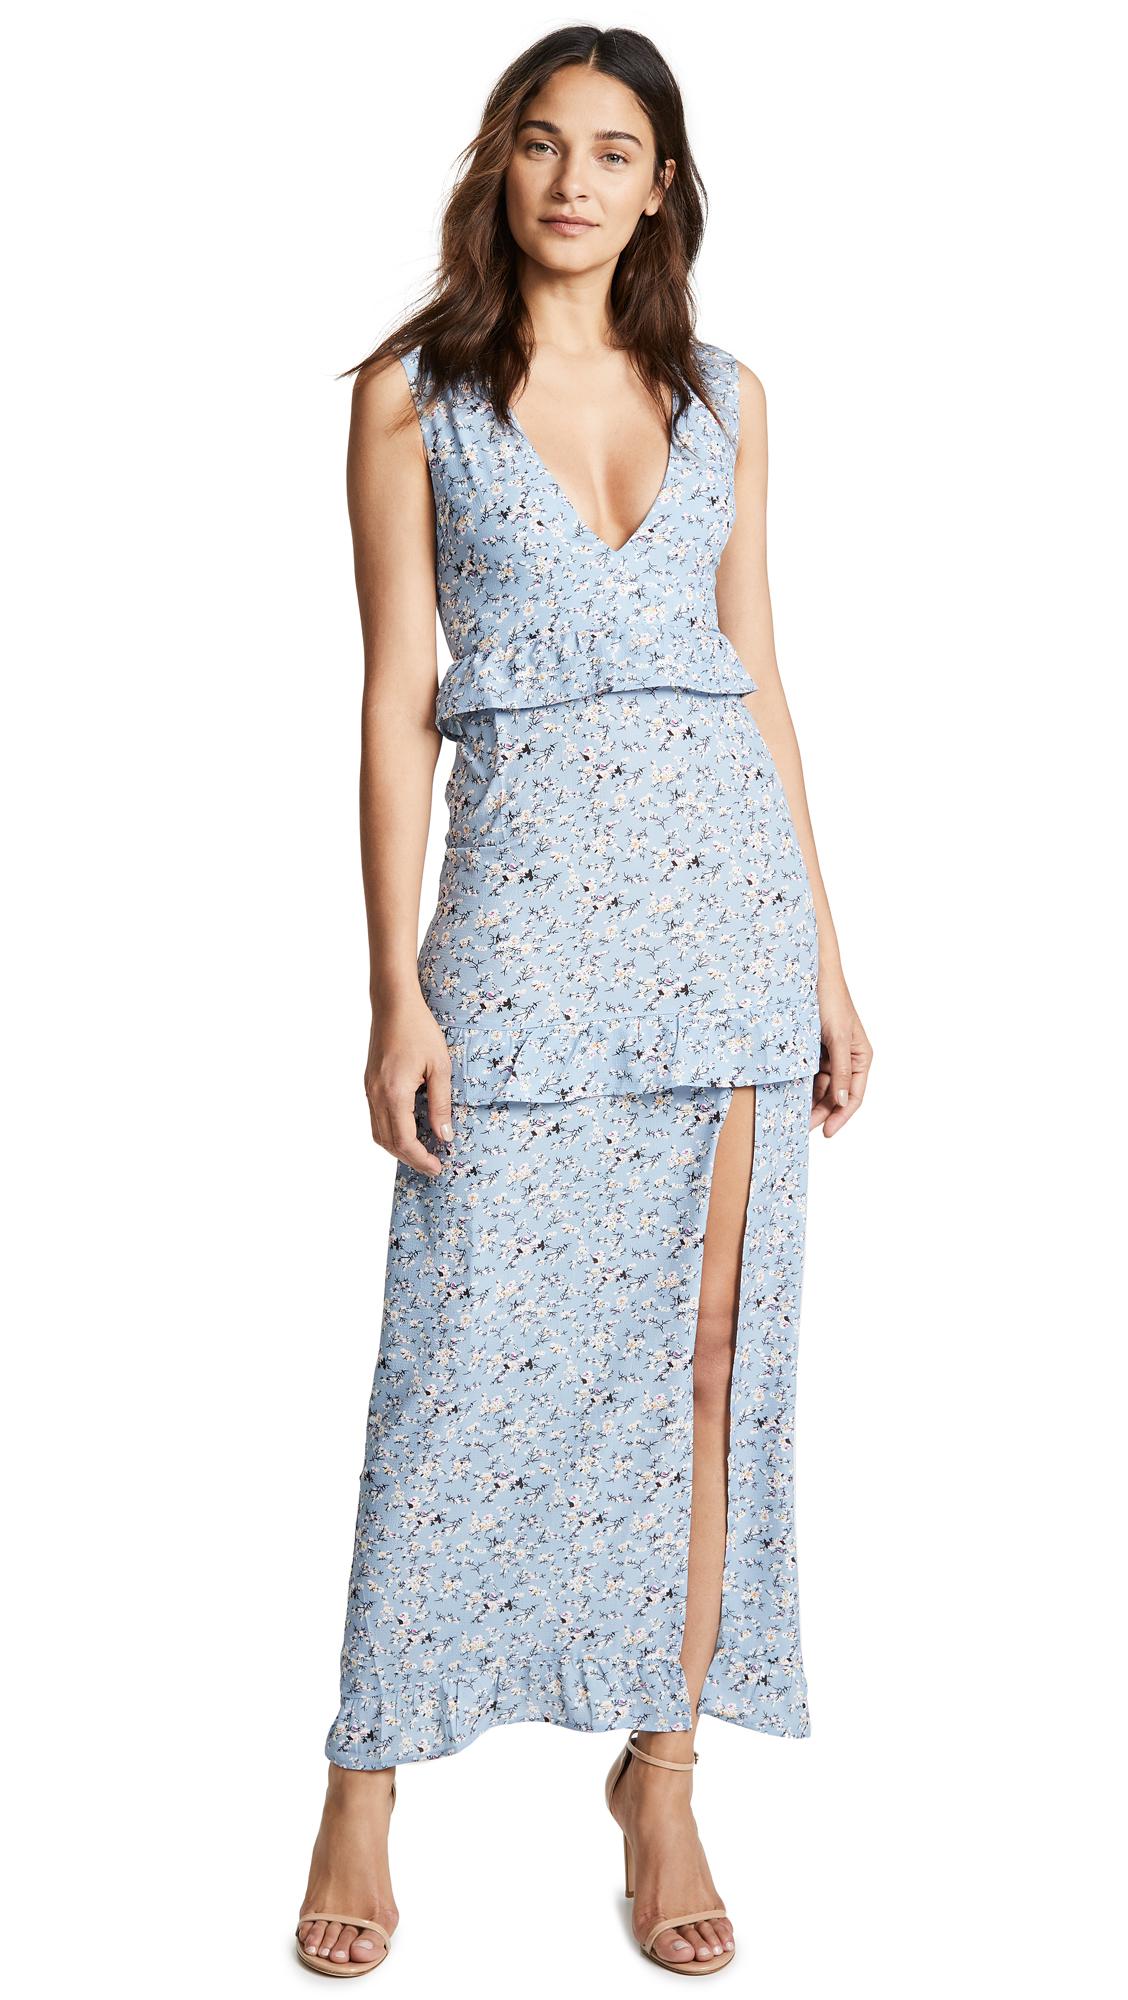 NIGHTWALKER Elsa Maxi Dress in Cornflower